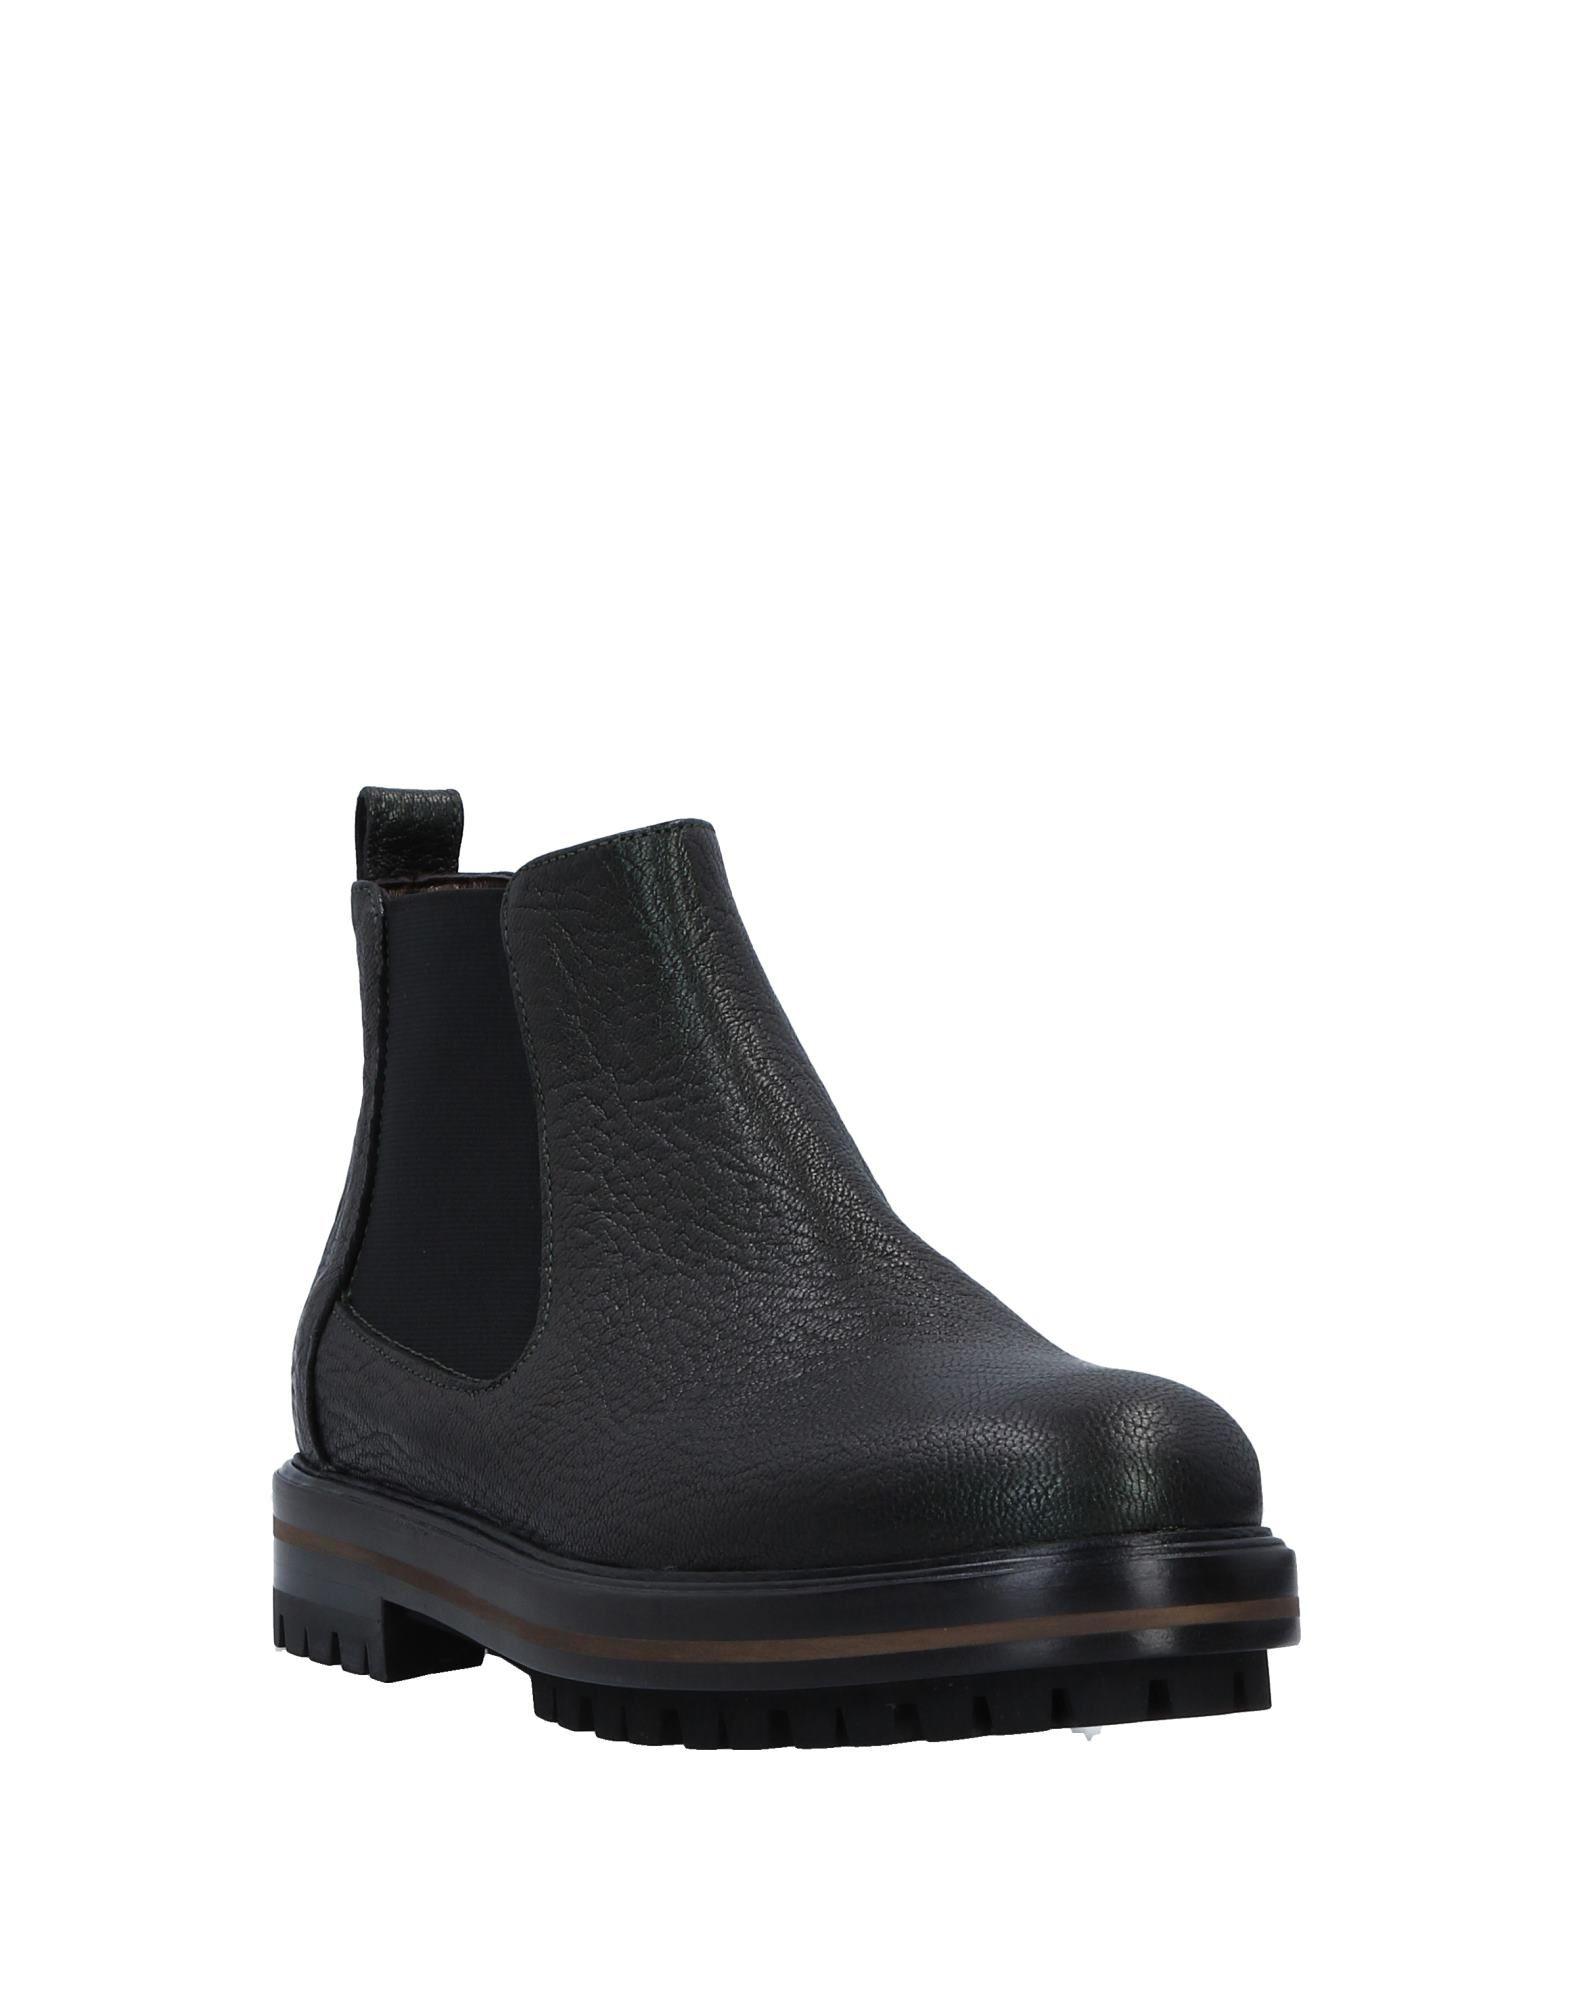 Rabatt Schuhe Agl Attilio Giusti  Leombruni Chelsea Stiefel Damen  Giusti 11539992UF f12980